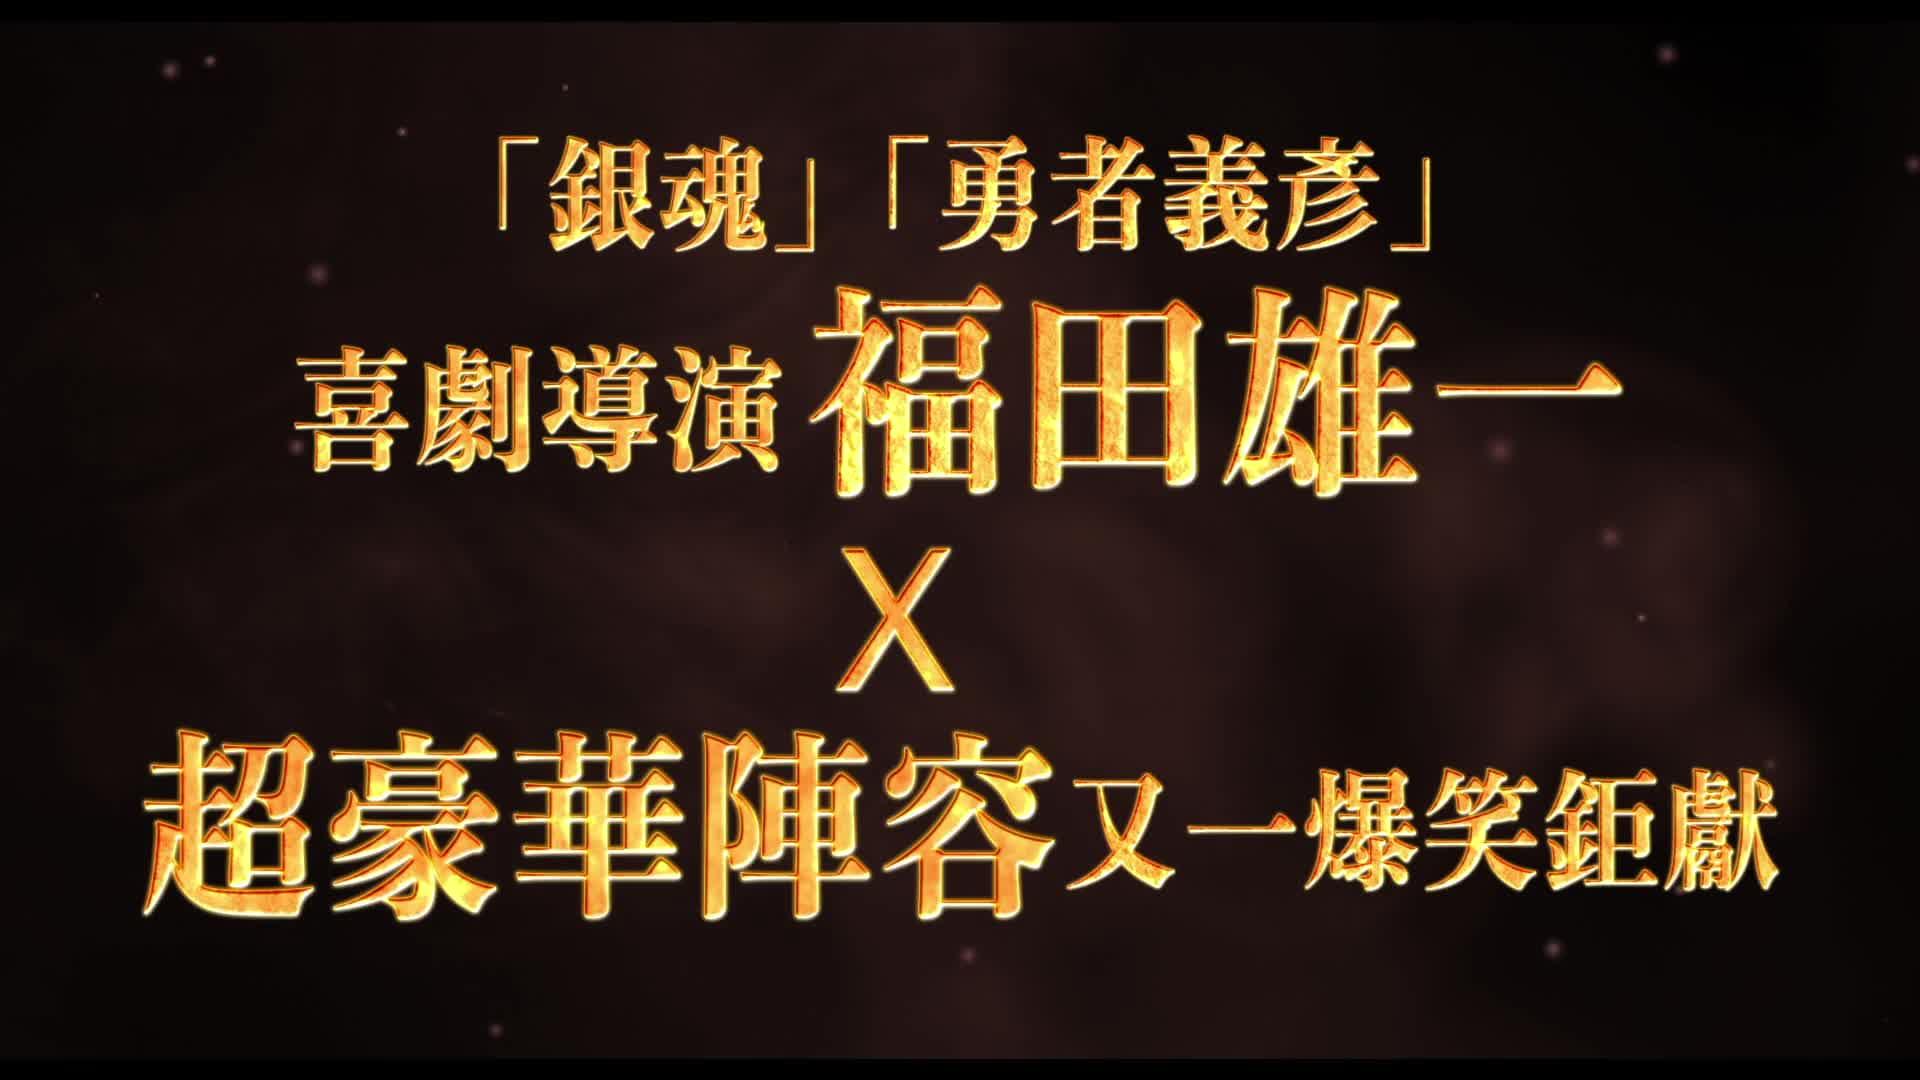 《反轉三國志》電影預告